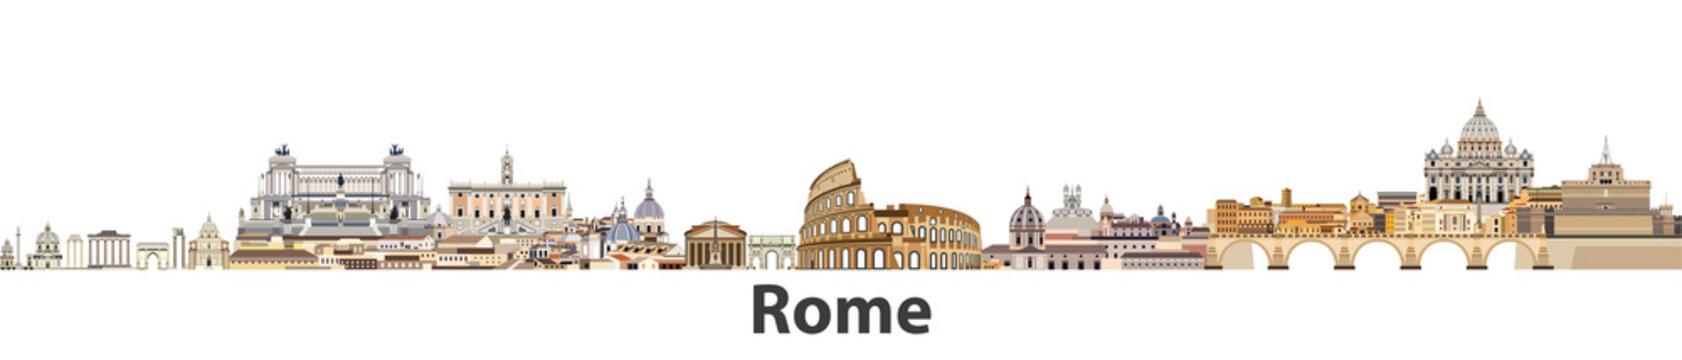 Rome vector city skyline